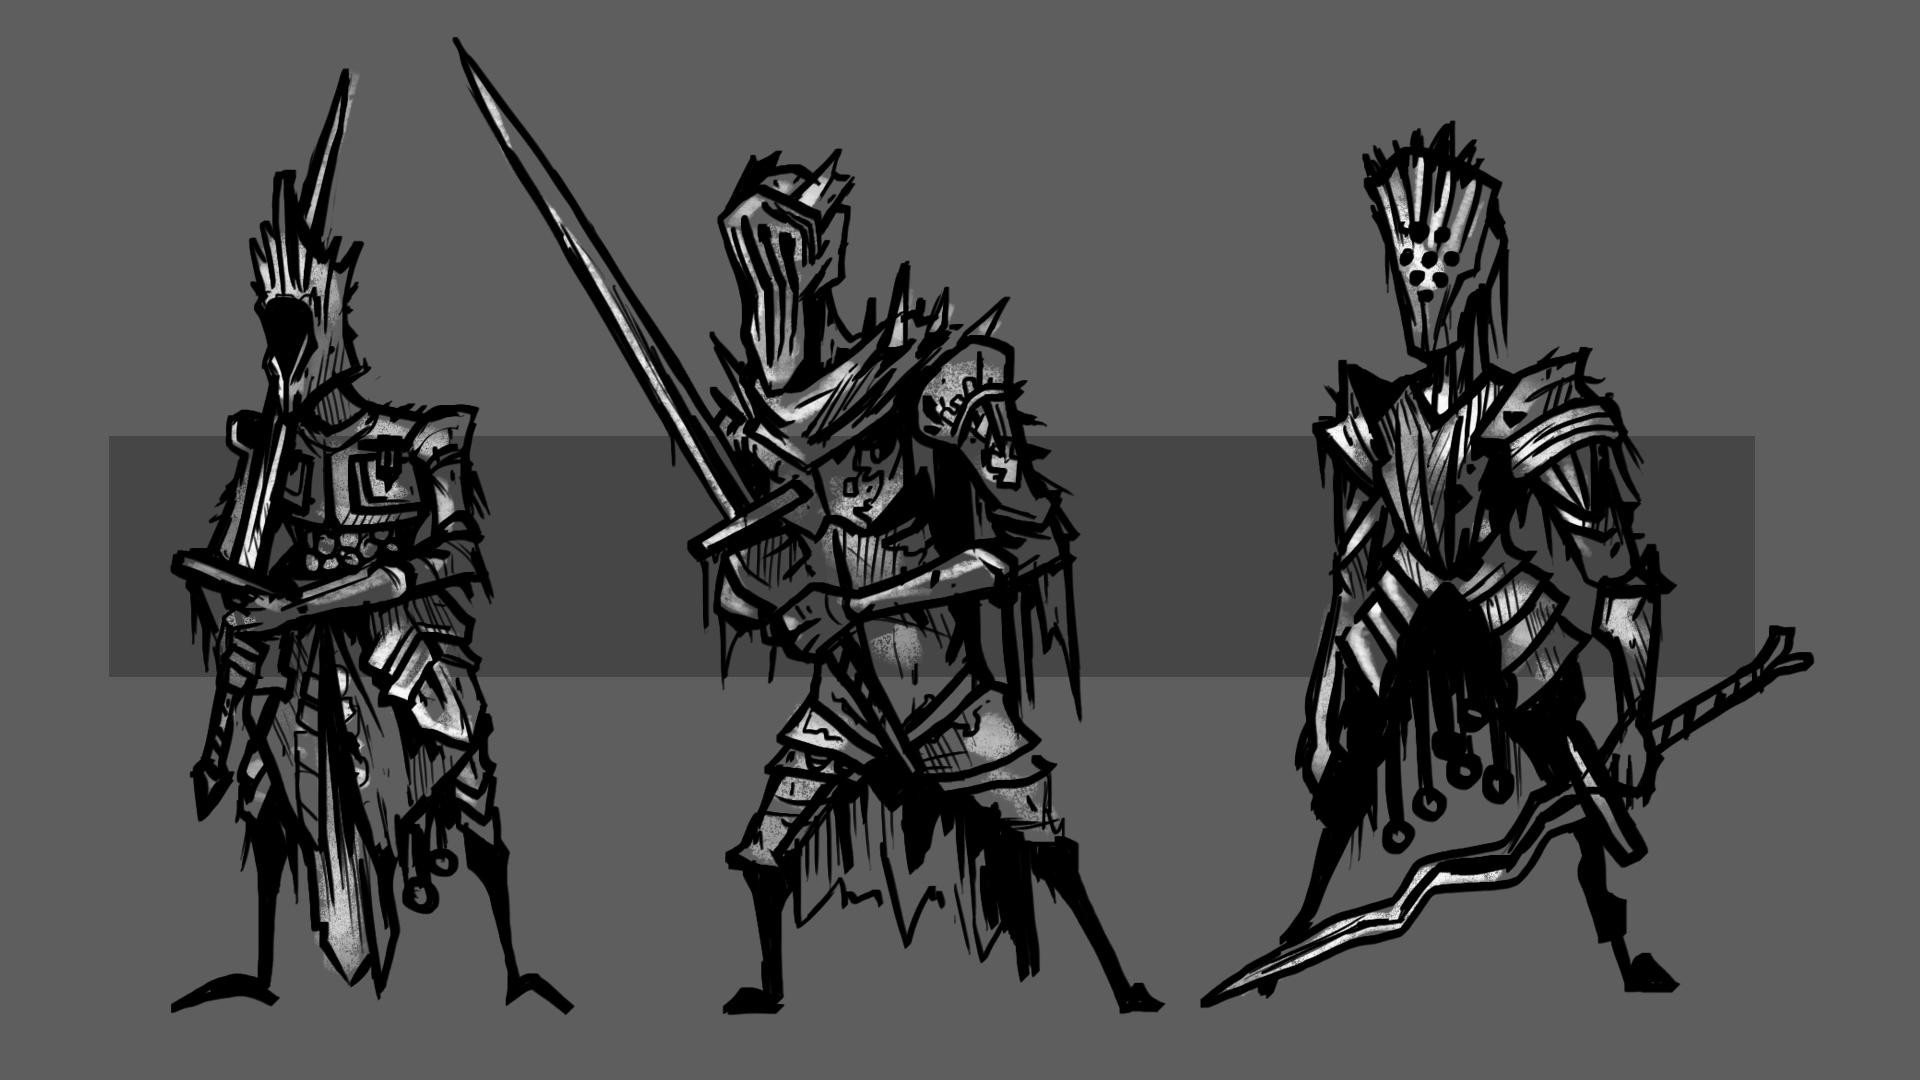 valdor knight concept